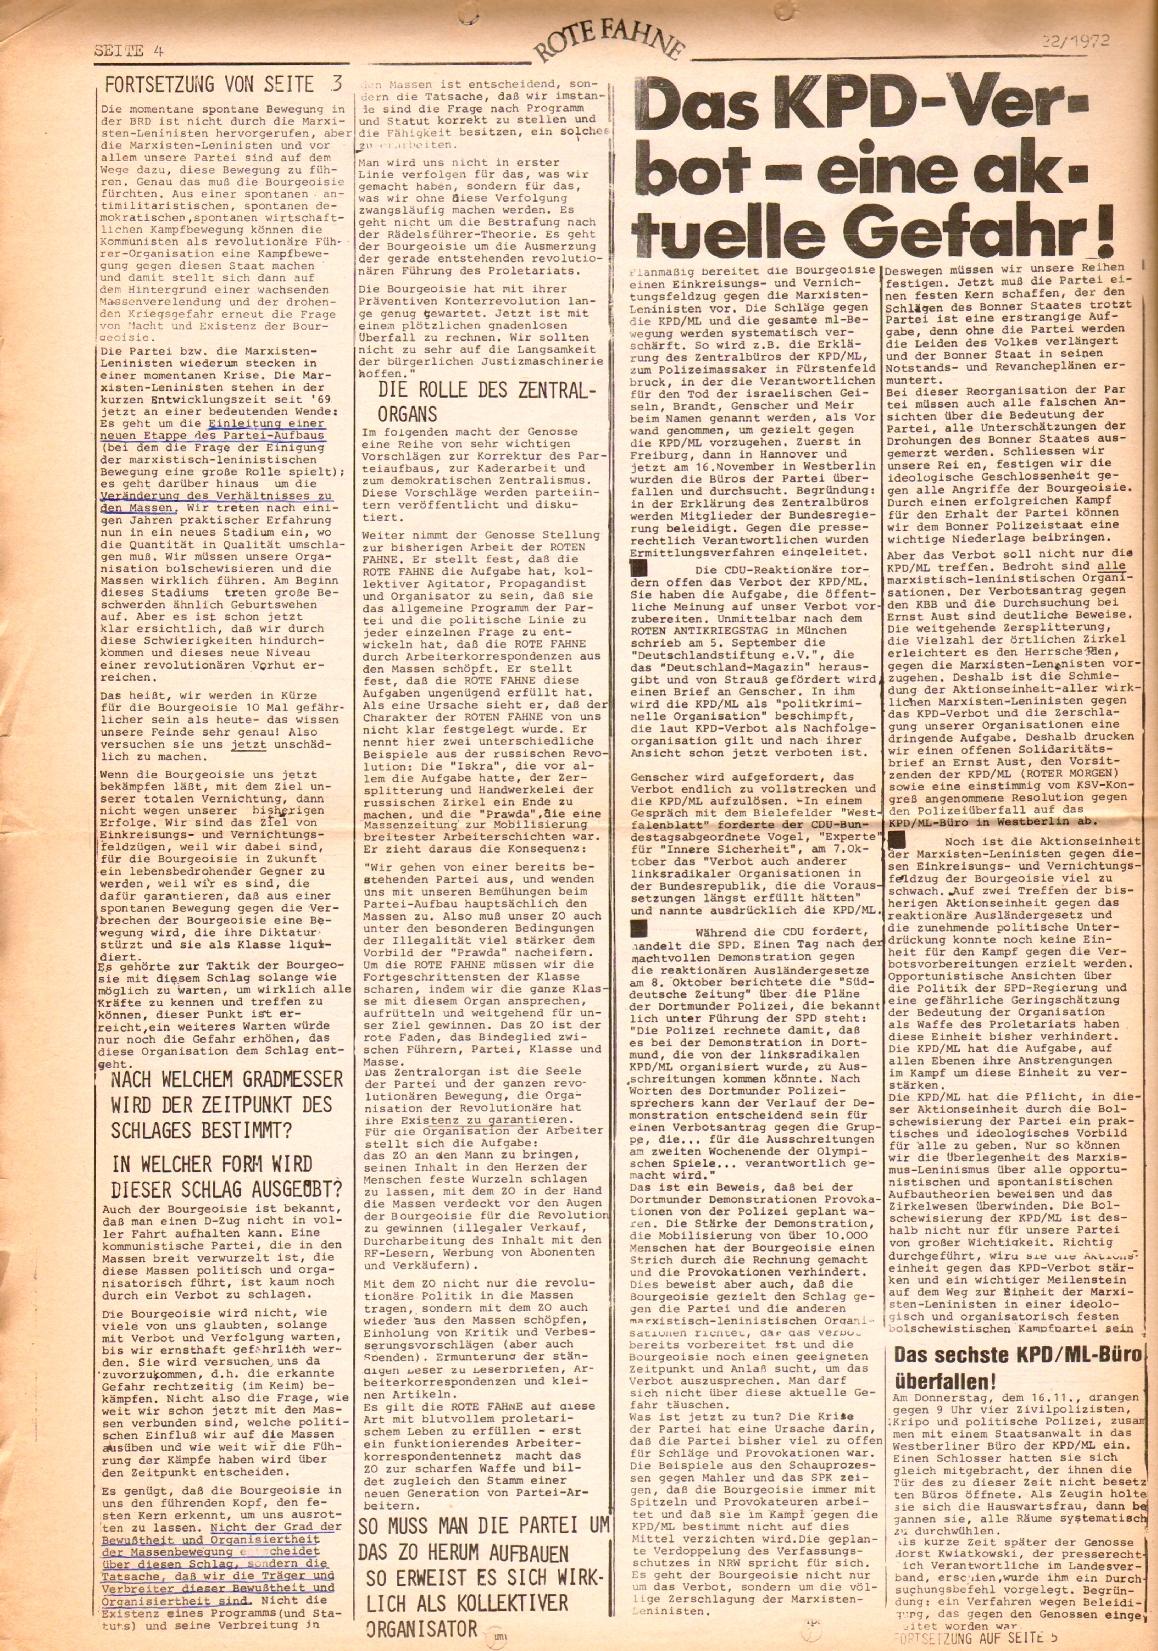 Rote Fahne, 3. Jg., 1.12.1972, Nr. 22, Seite 4